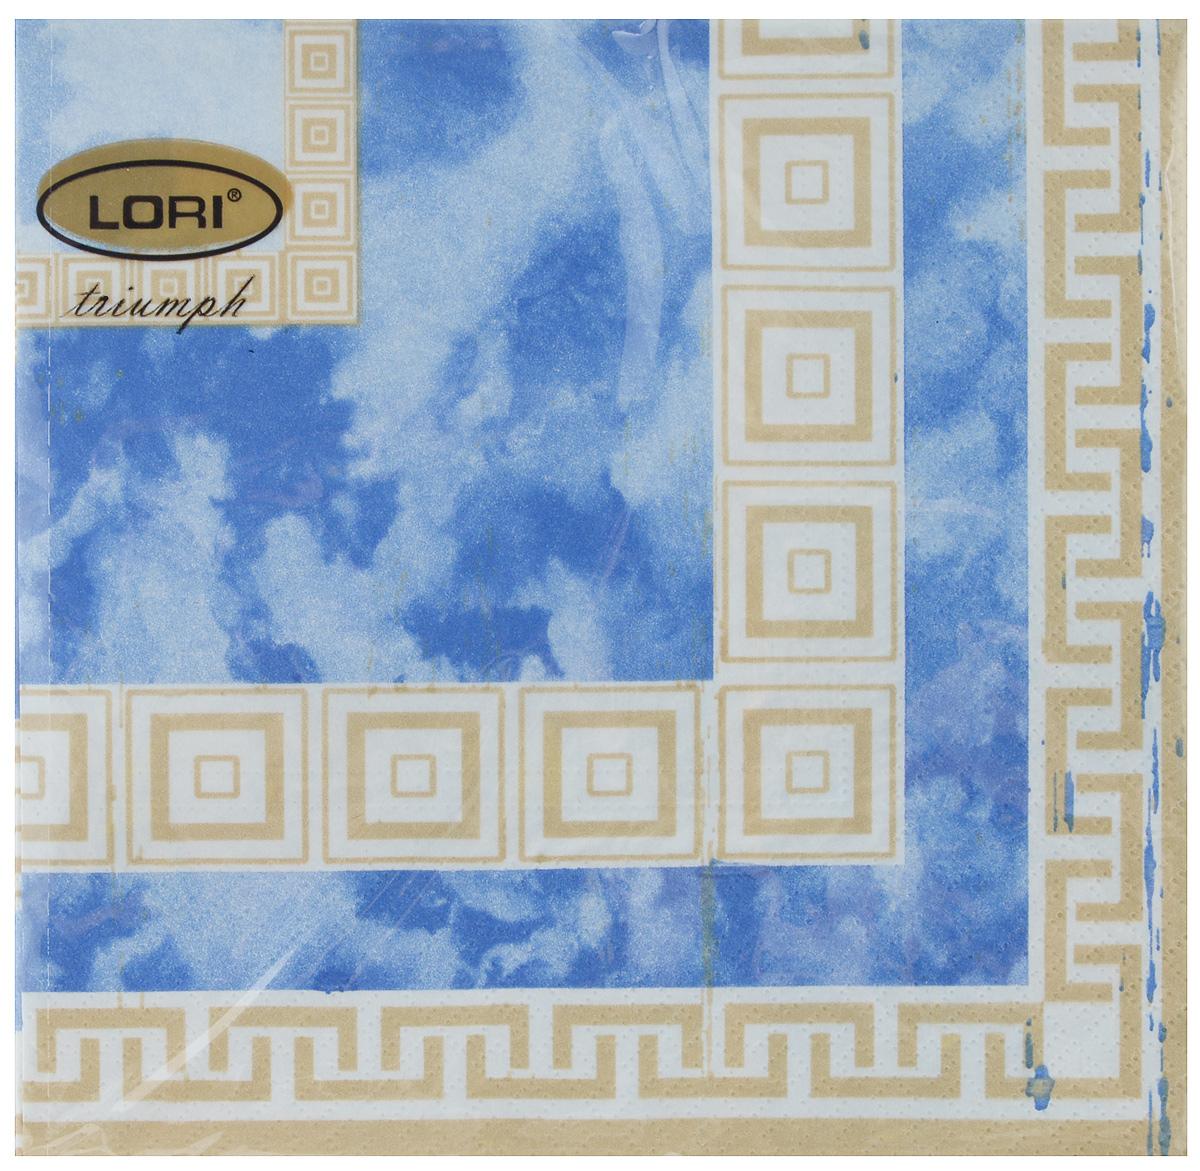 Салфетки бумажные Lori Triumph, трехслойные, цвет: синий, светло-коричневый, 33 х 33 см, 20 шт19201Декоративные трехслойные салфетки Lori Triumph выполнены из 100% целлюлозы и оформлены ярким рисунком. Изделия станут отличным дополнением любого праздничного стола. Они отличаются необычной мягкостью, прочностью и оригинальностью.Размер салфеток в развернутом виде: 33 х 33 см.